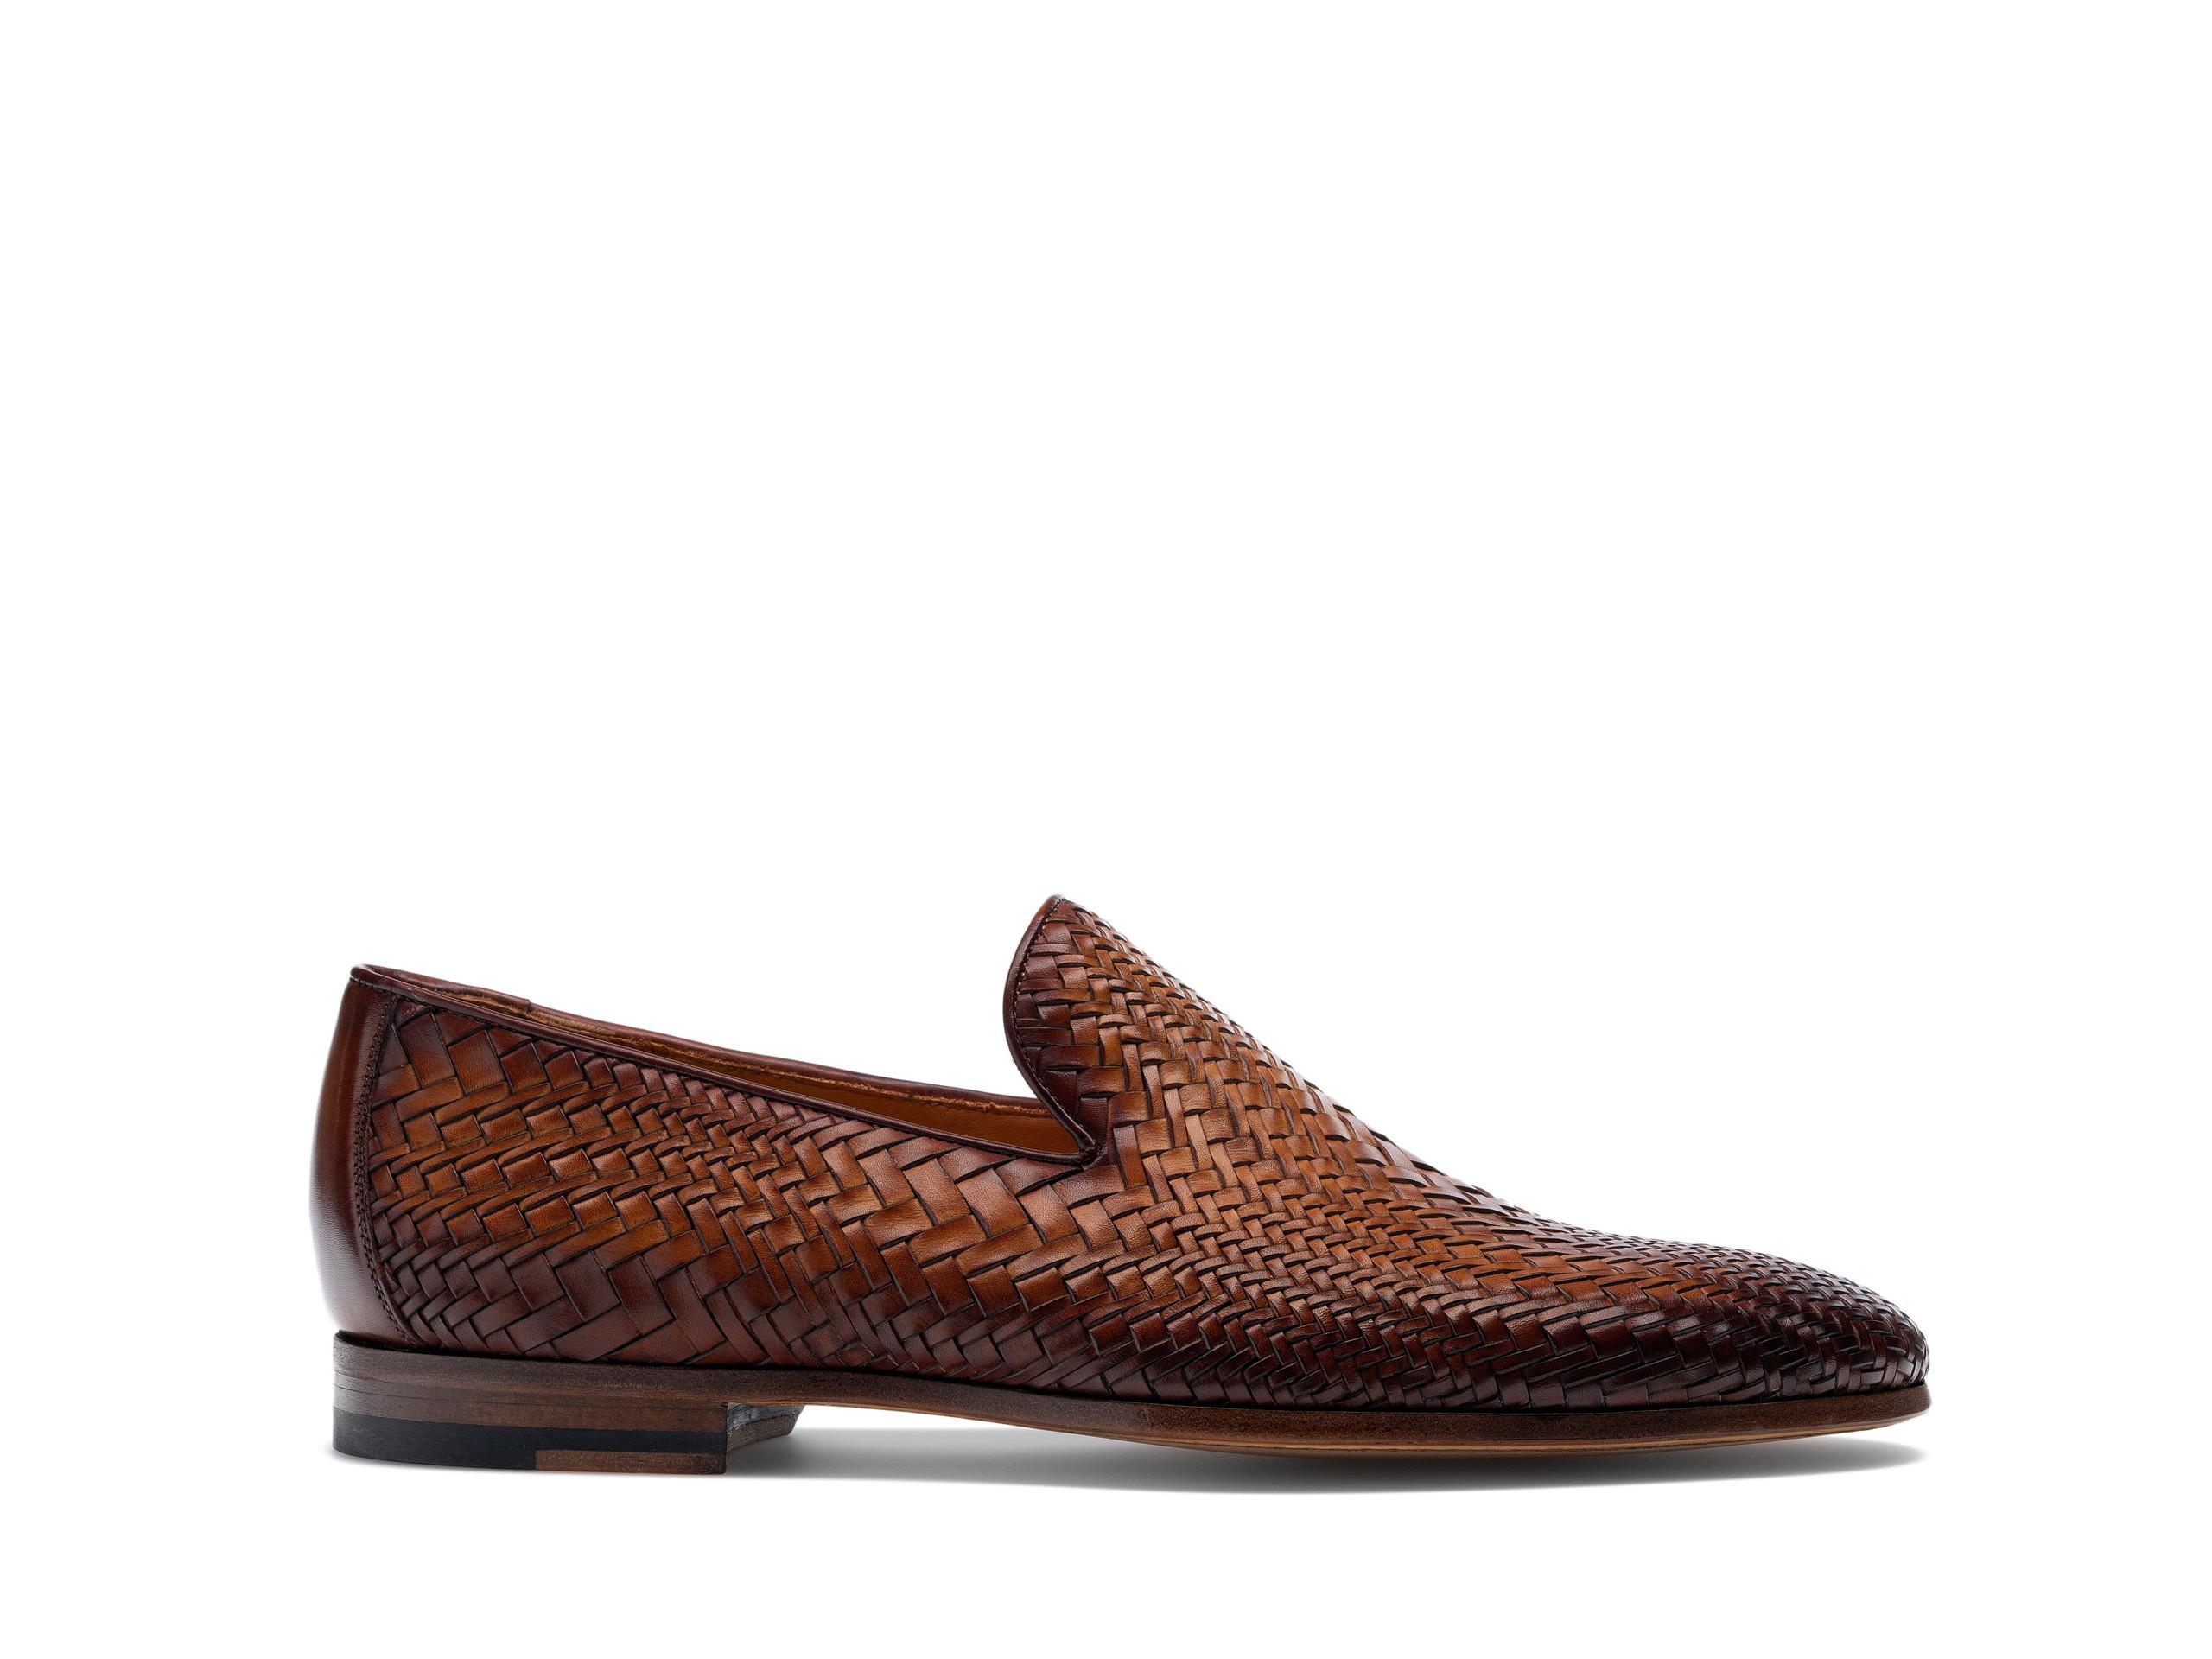 Magnanni Herrera Cuero Shoes